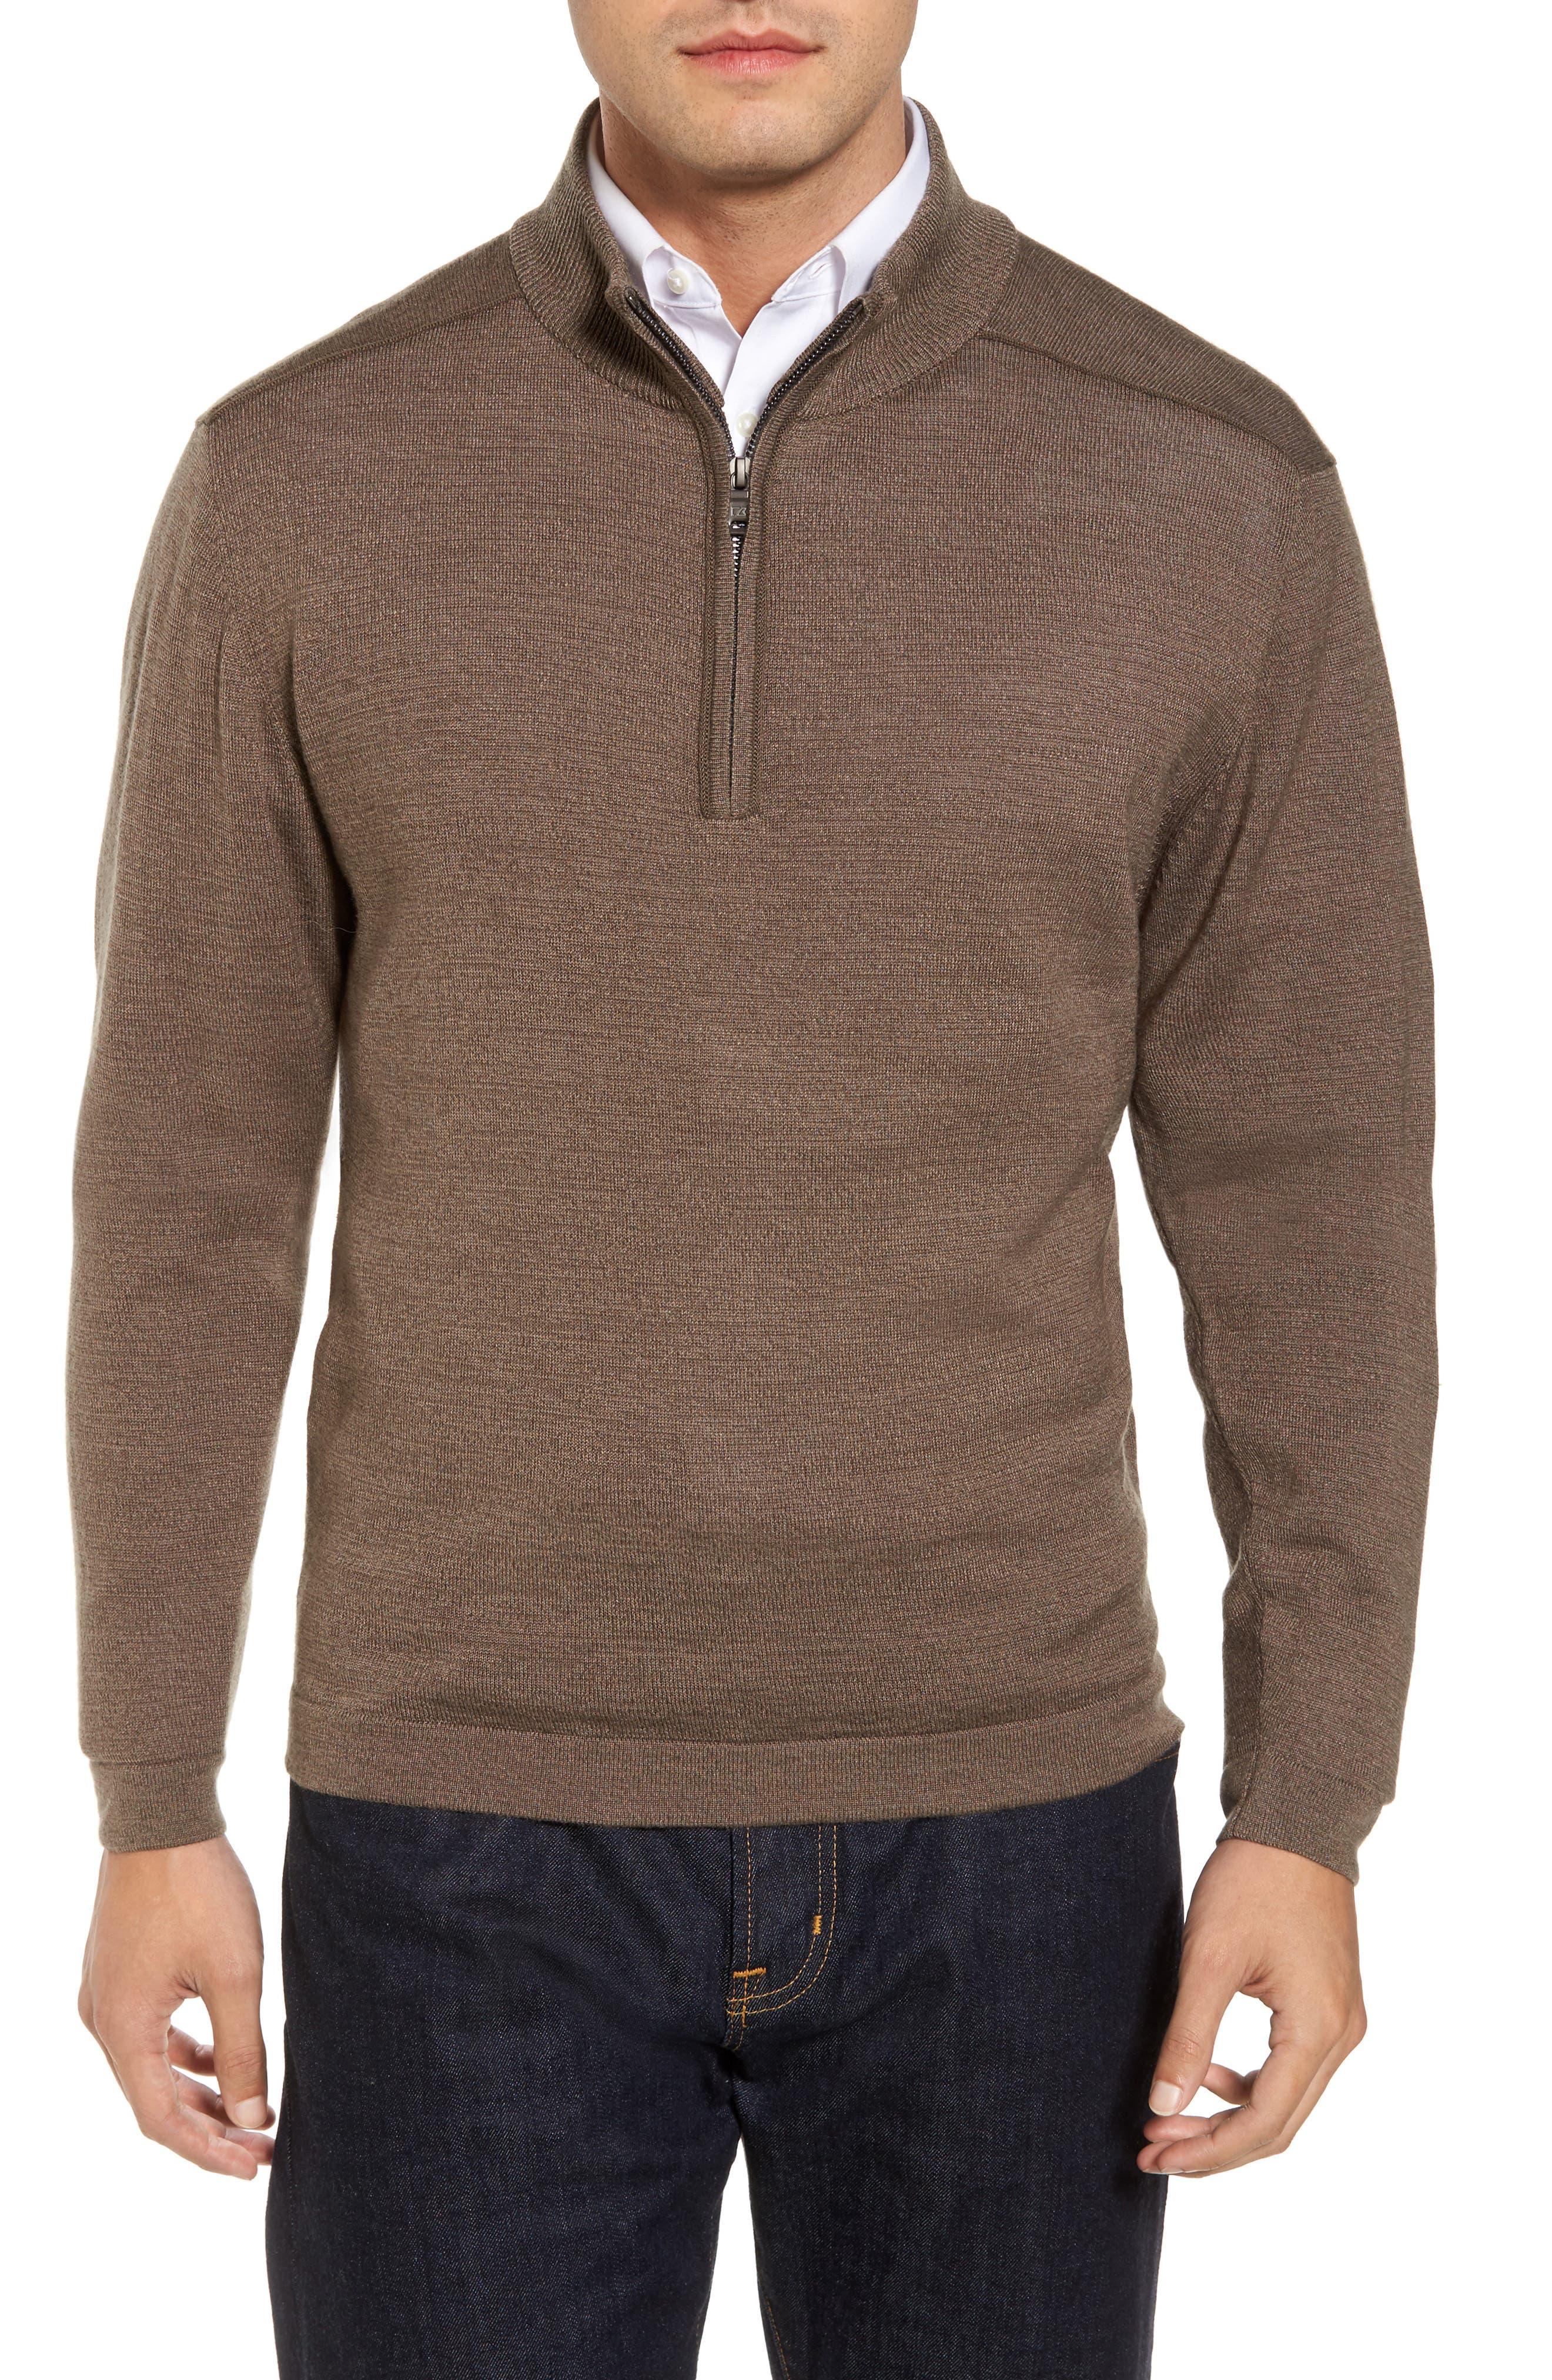 Cutter & Buck Henry Quarter-Zip Pullover Sweater